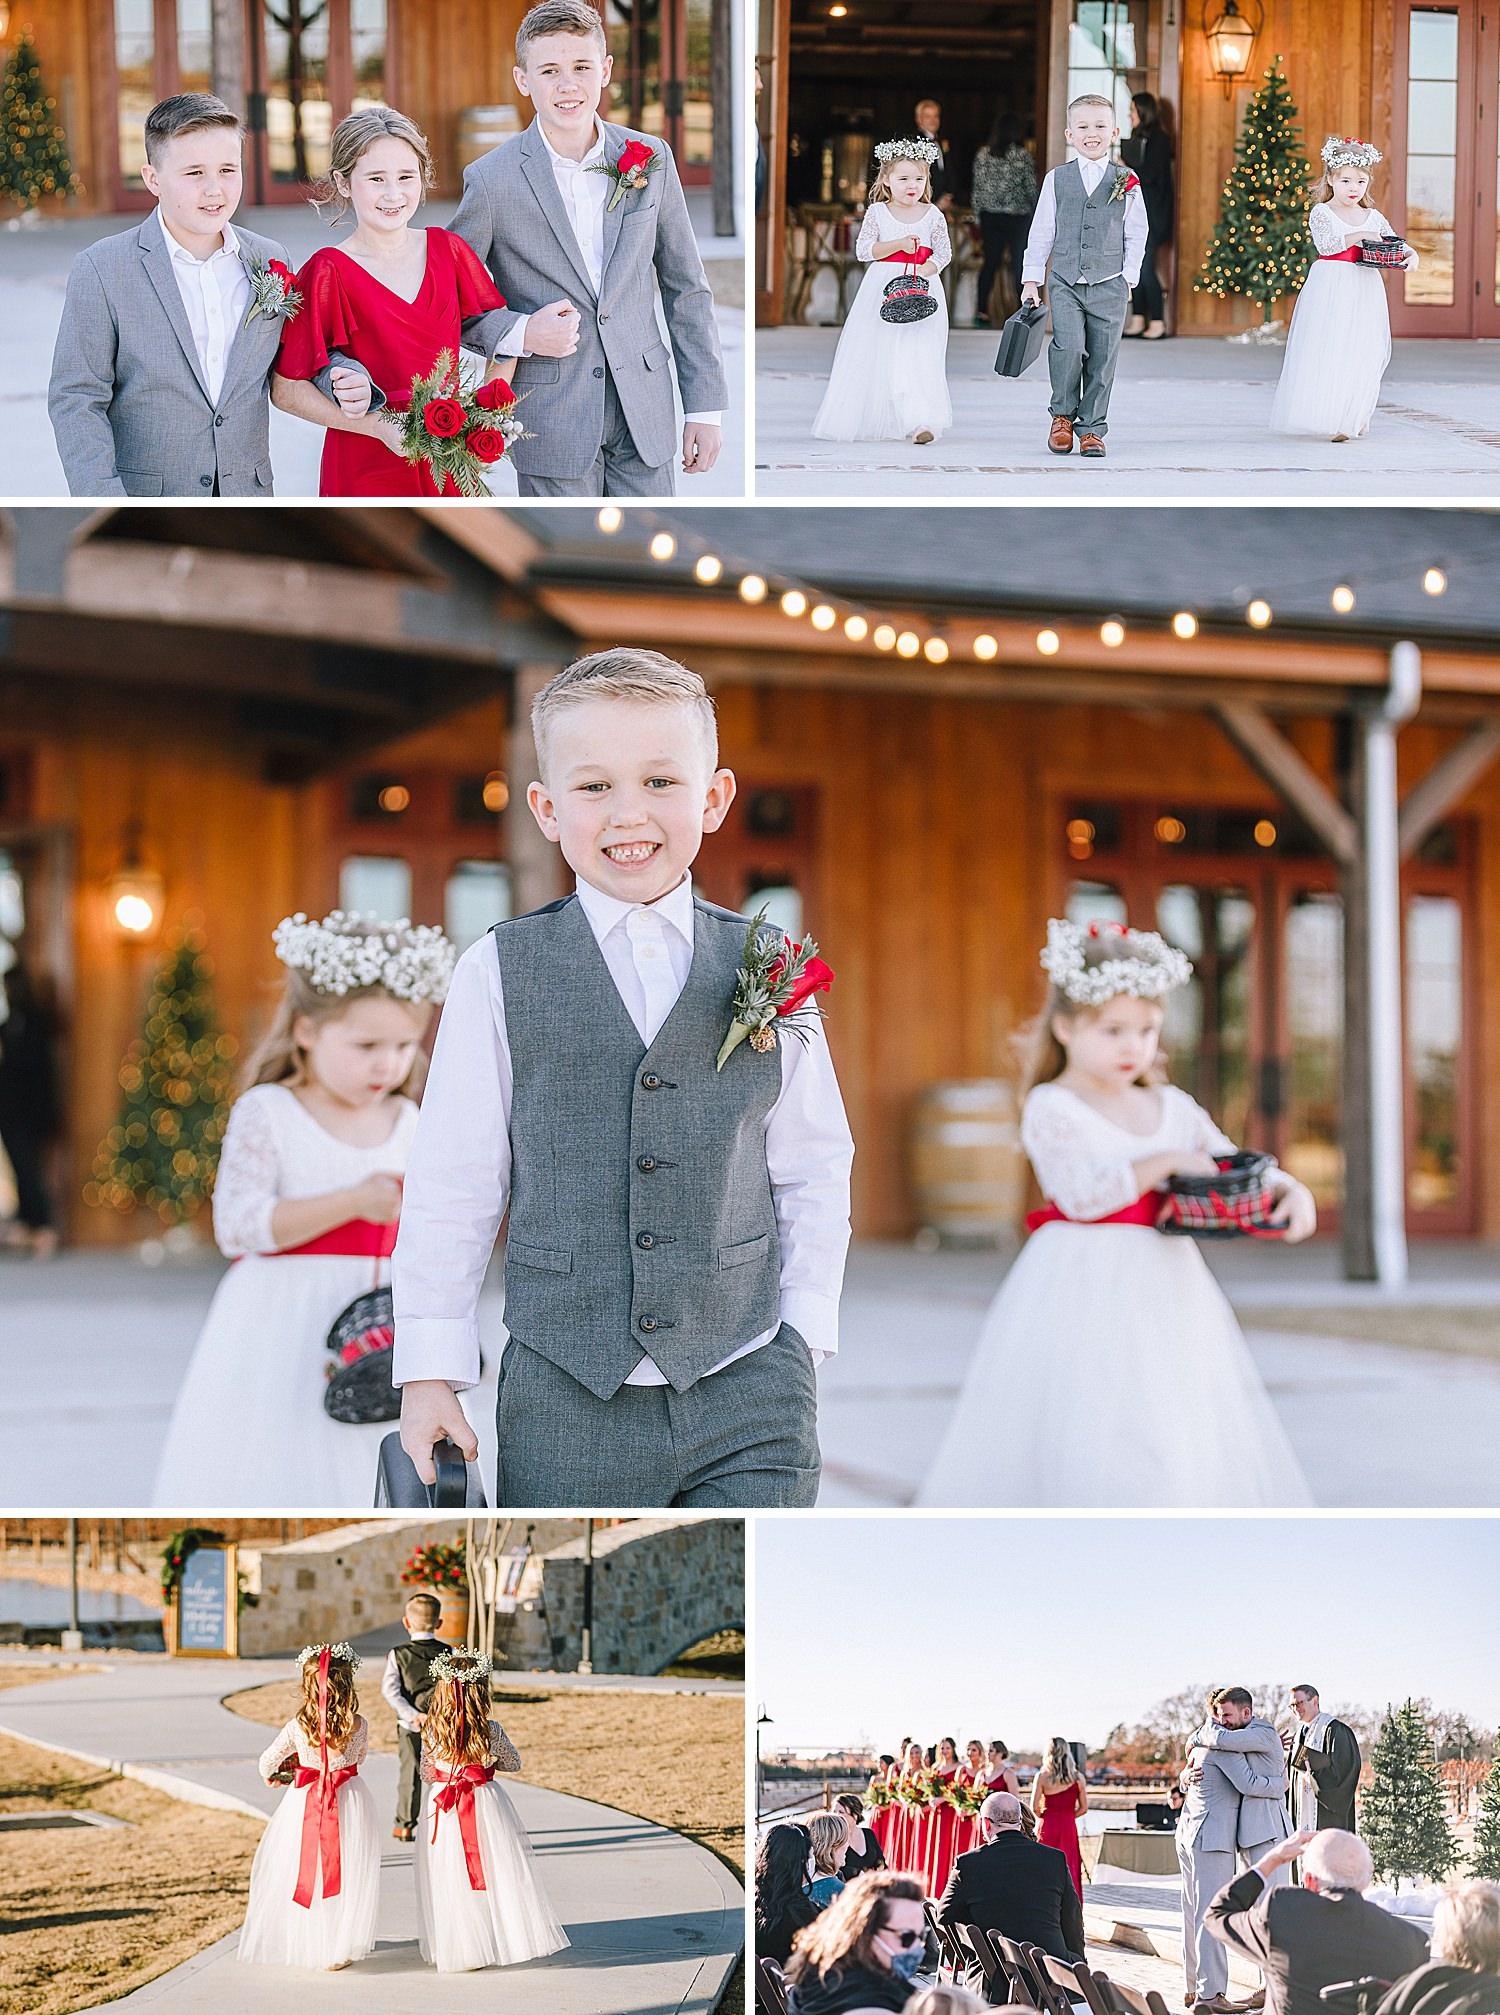 College-Station-Aggie-Wedding-The-Weinberg-at-Wixon-Valley-Christmas-Hallmark-Wedding_0049.jpg